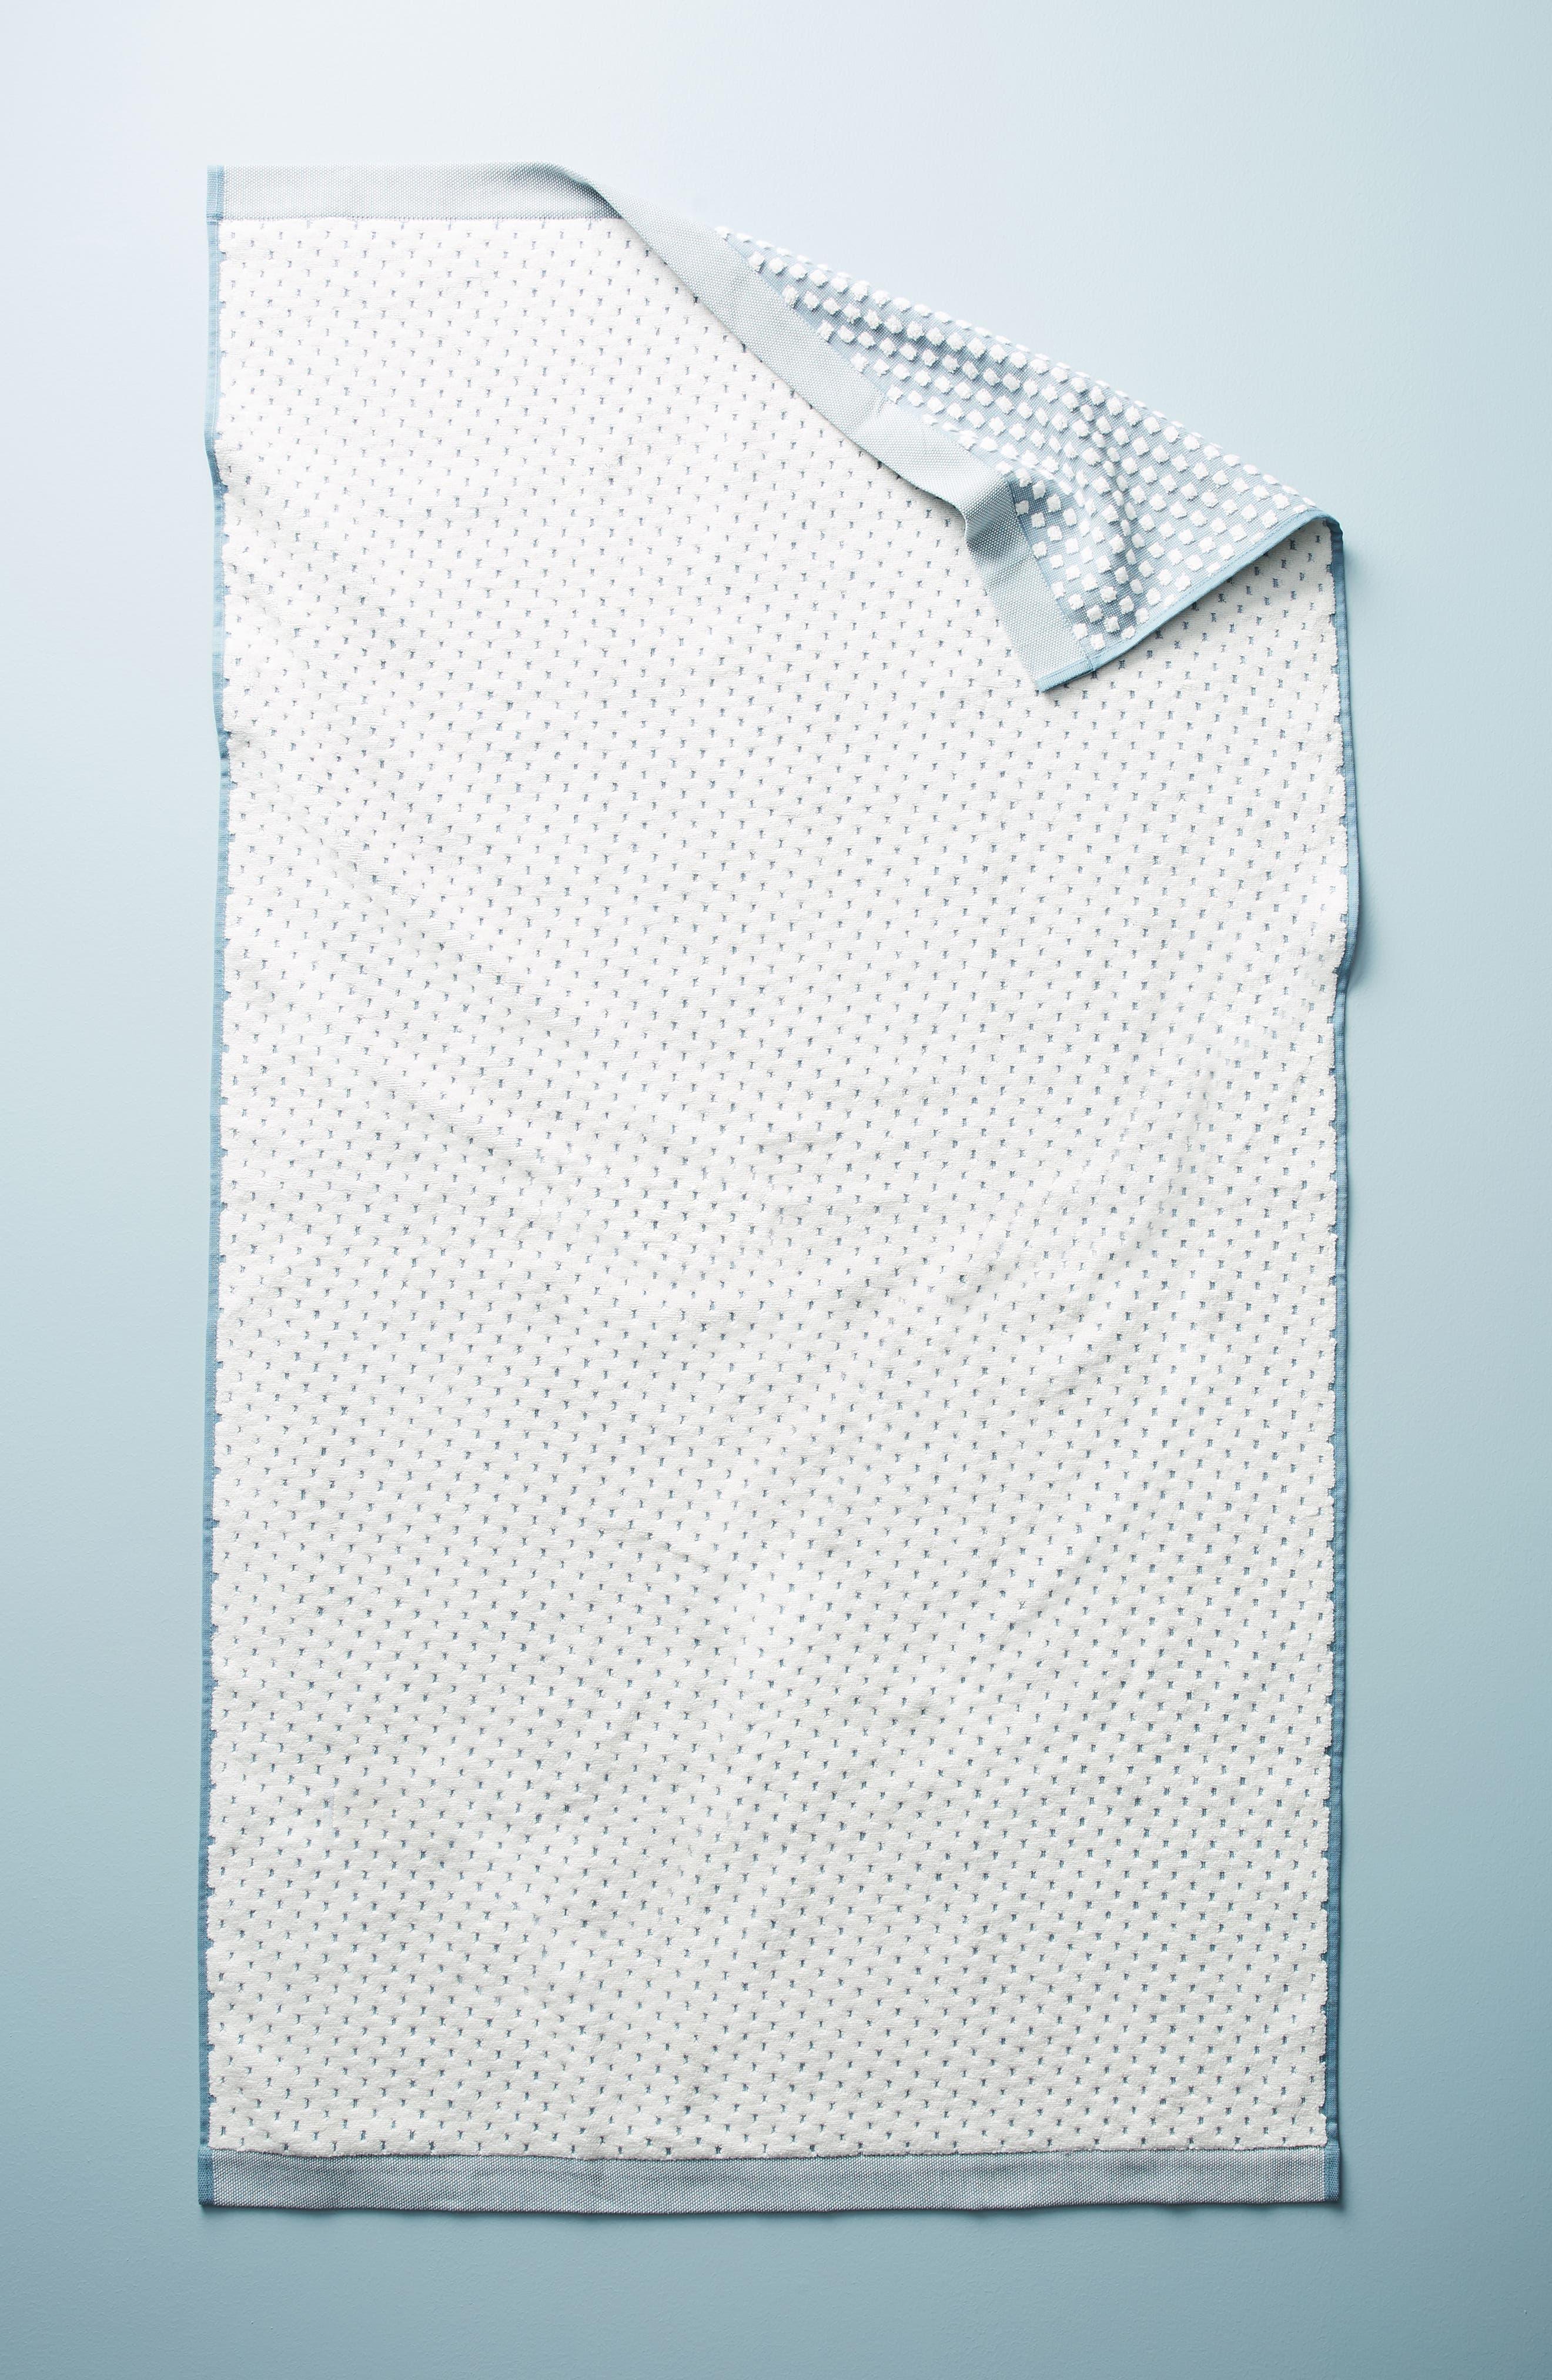 Dot Jacquard Hand Towel,                             Alternate thumbnail 11, color,